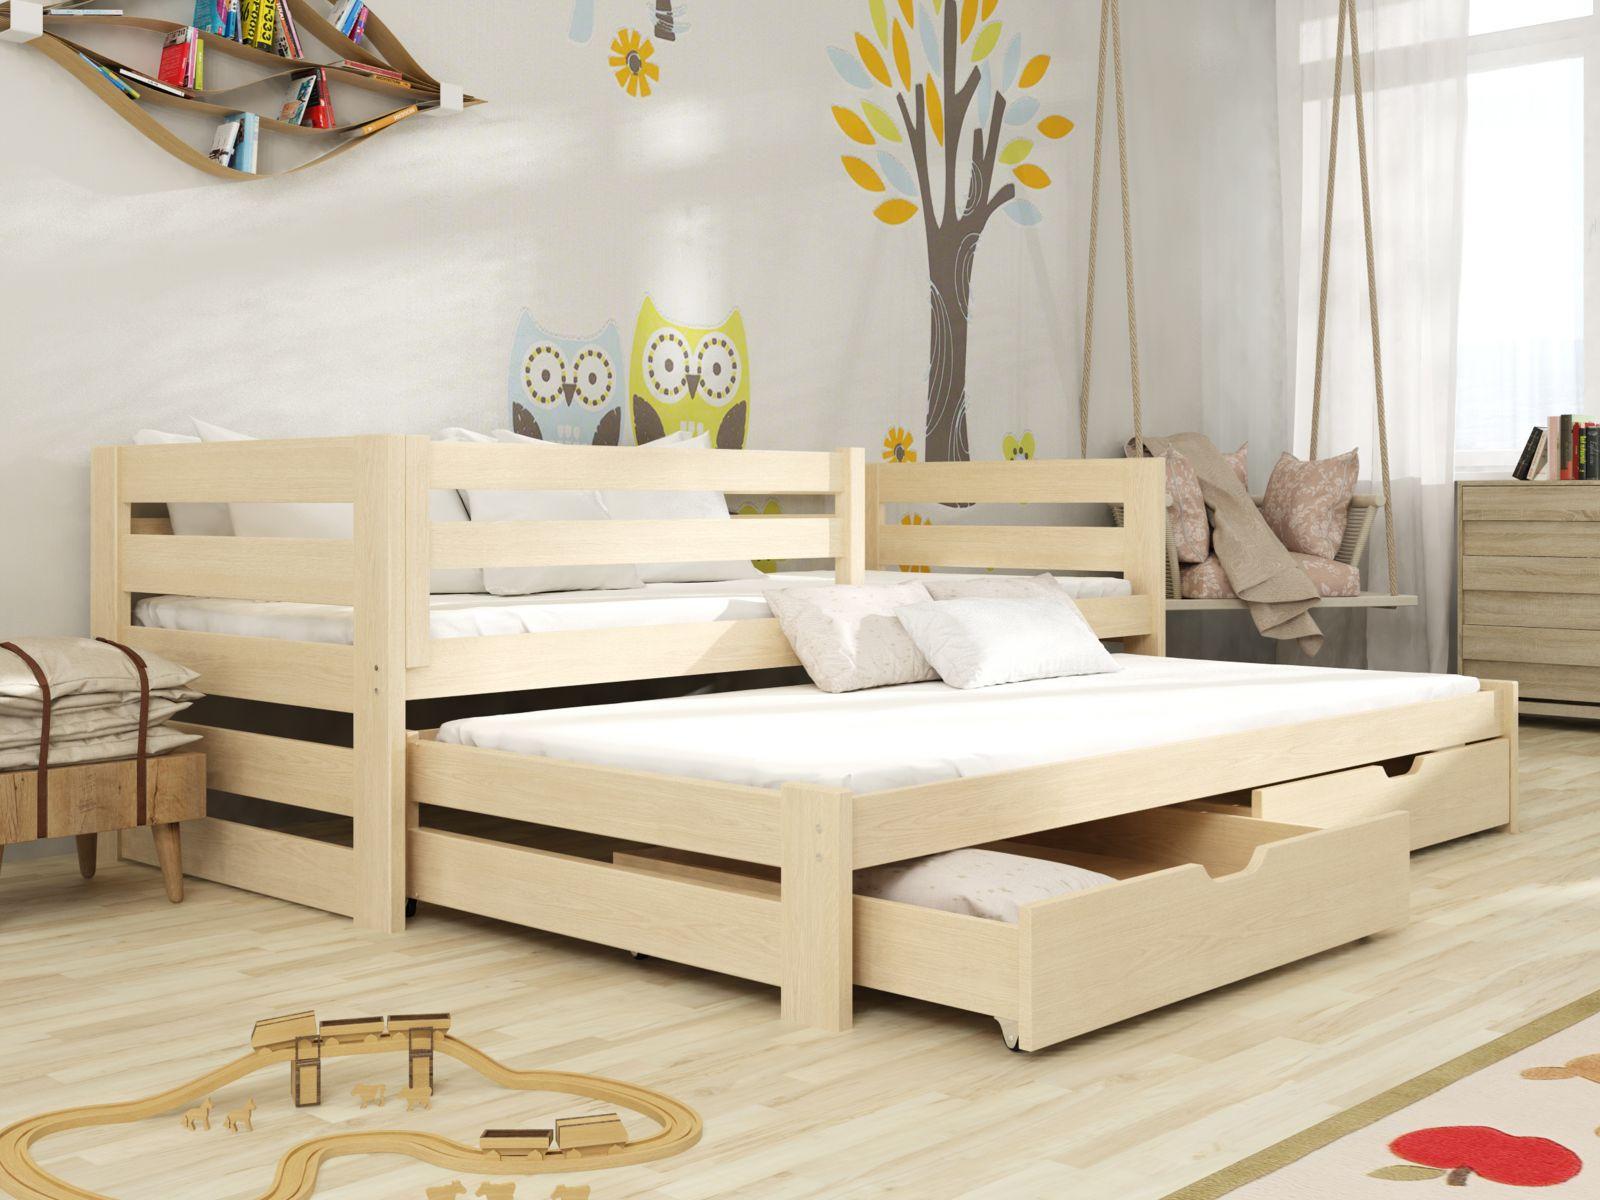 Lano Meble Rozkládací postel Kuba s úložným prostorem 80x180 cm